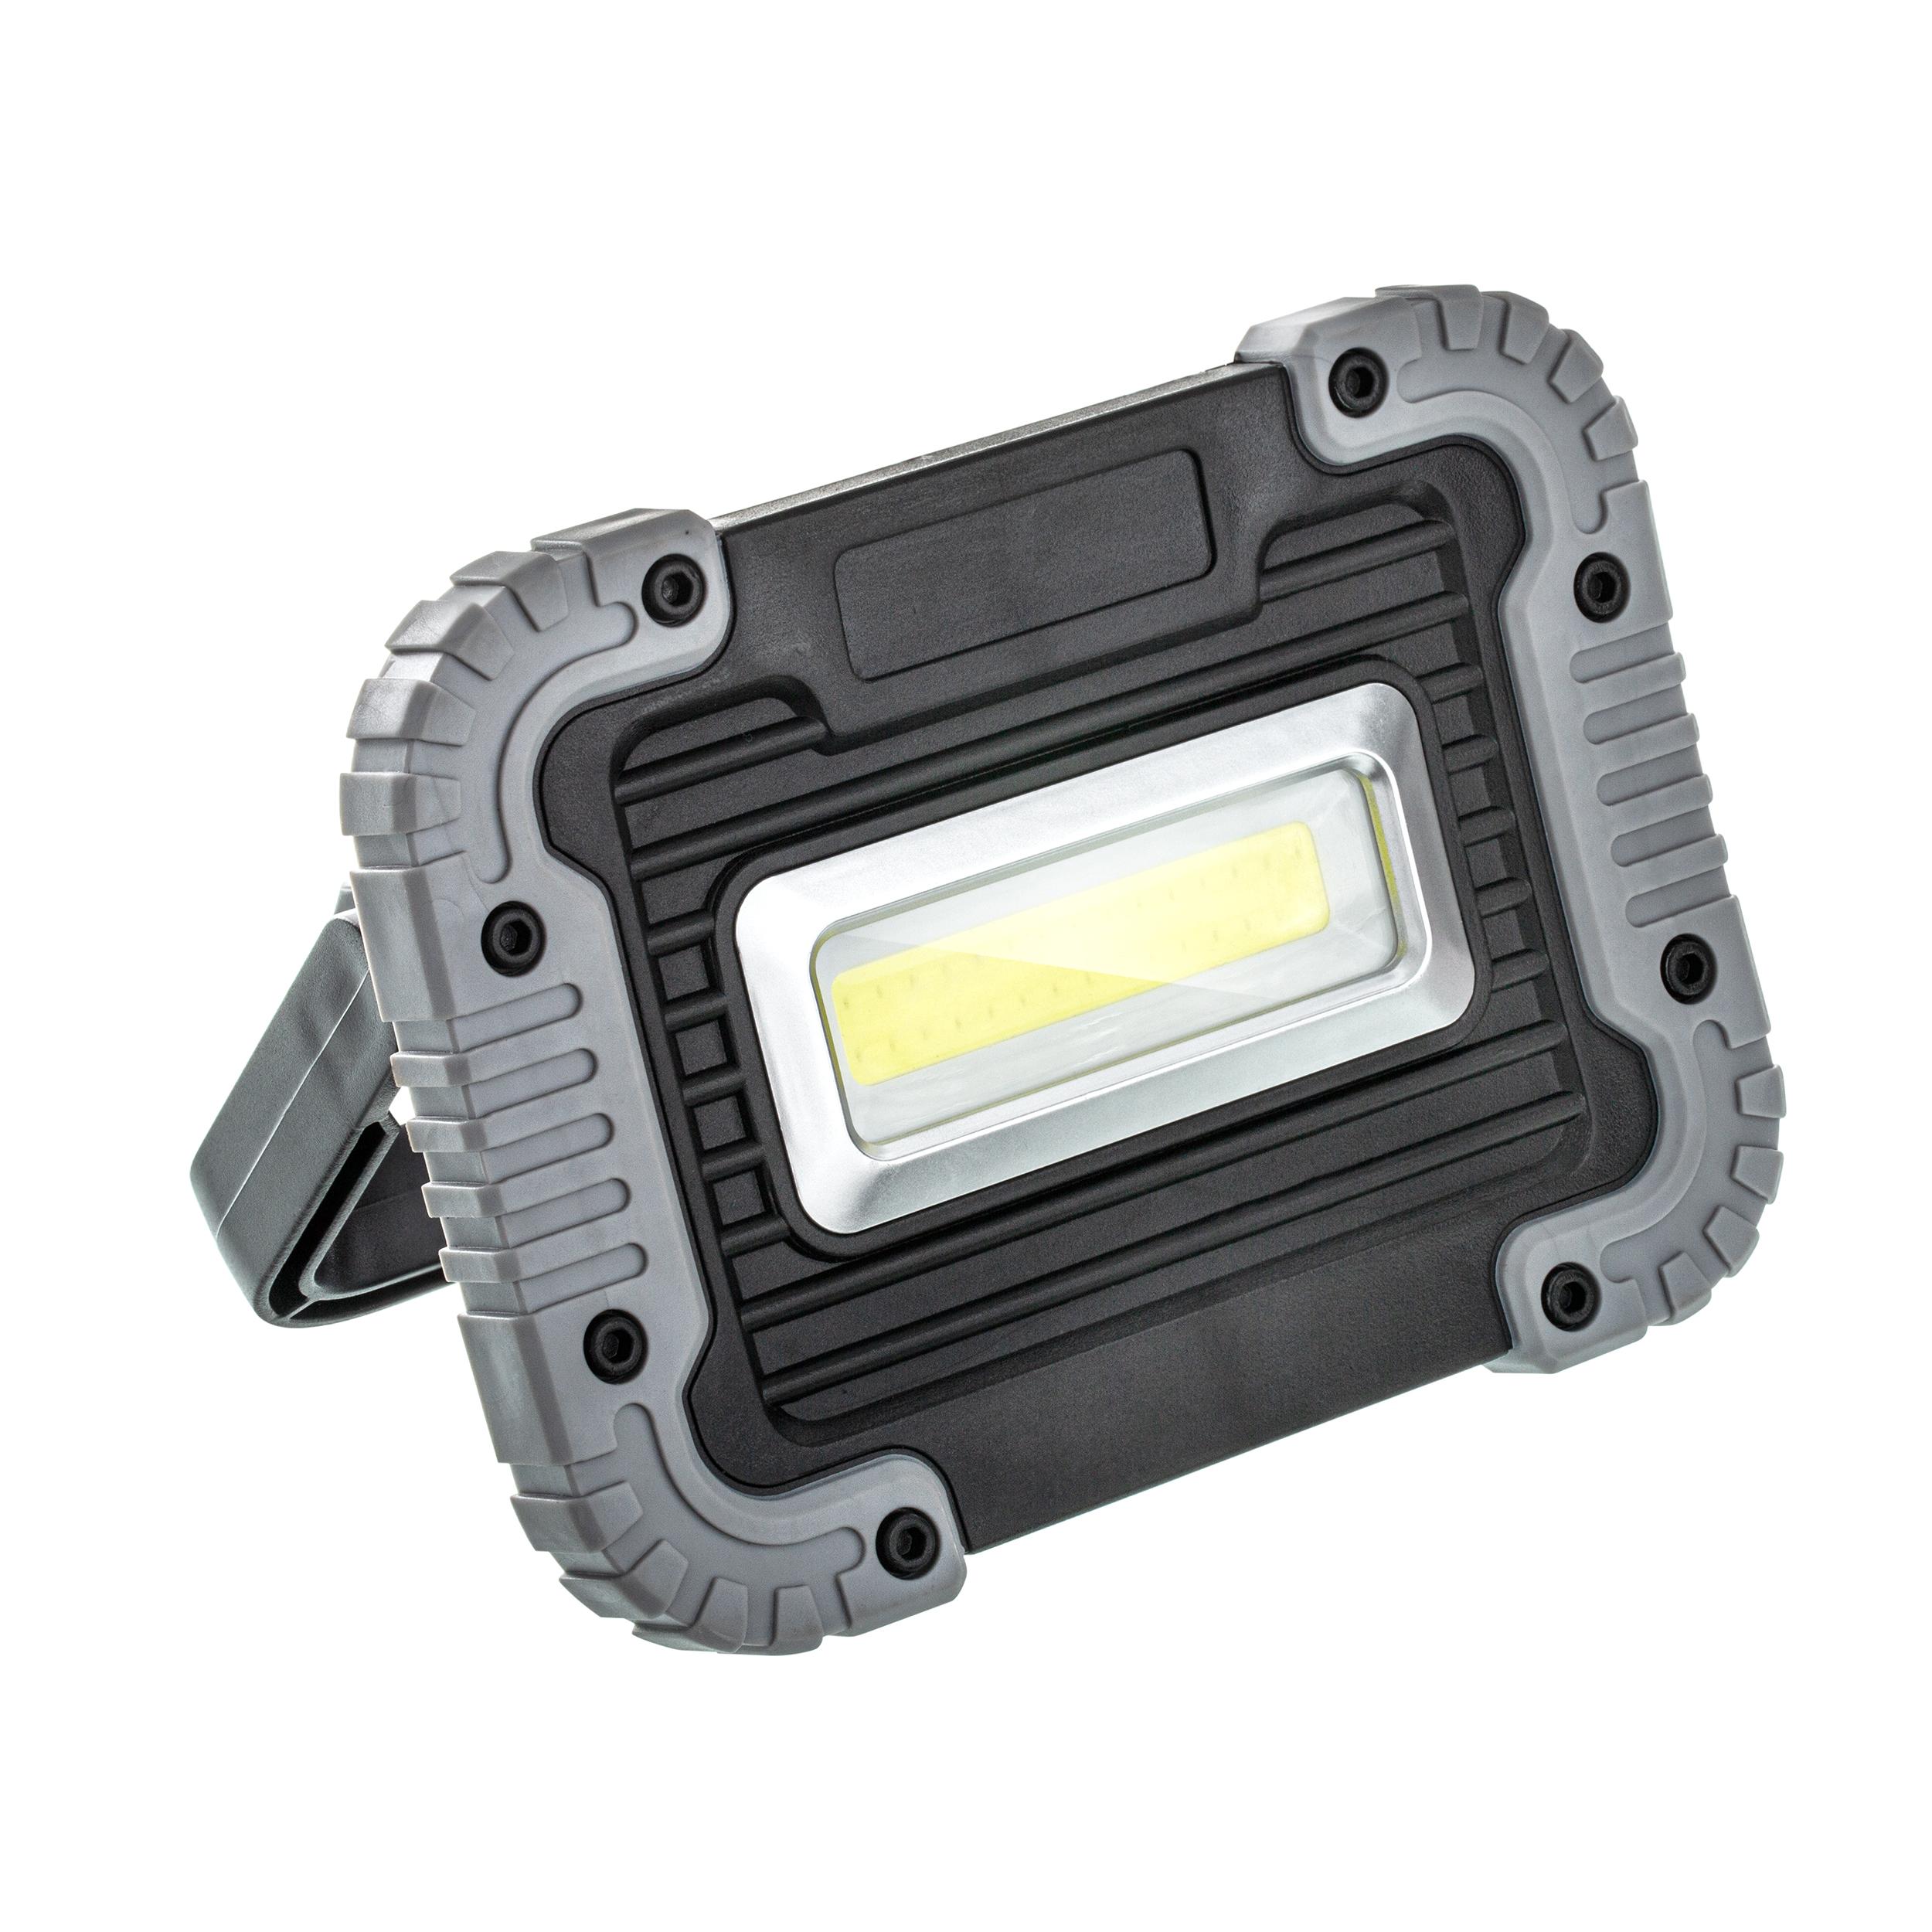 Lampe de poche multifonction avec powerbank